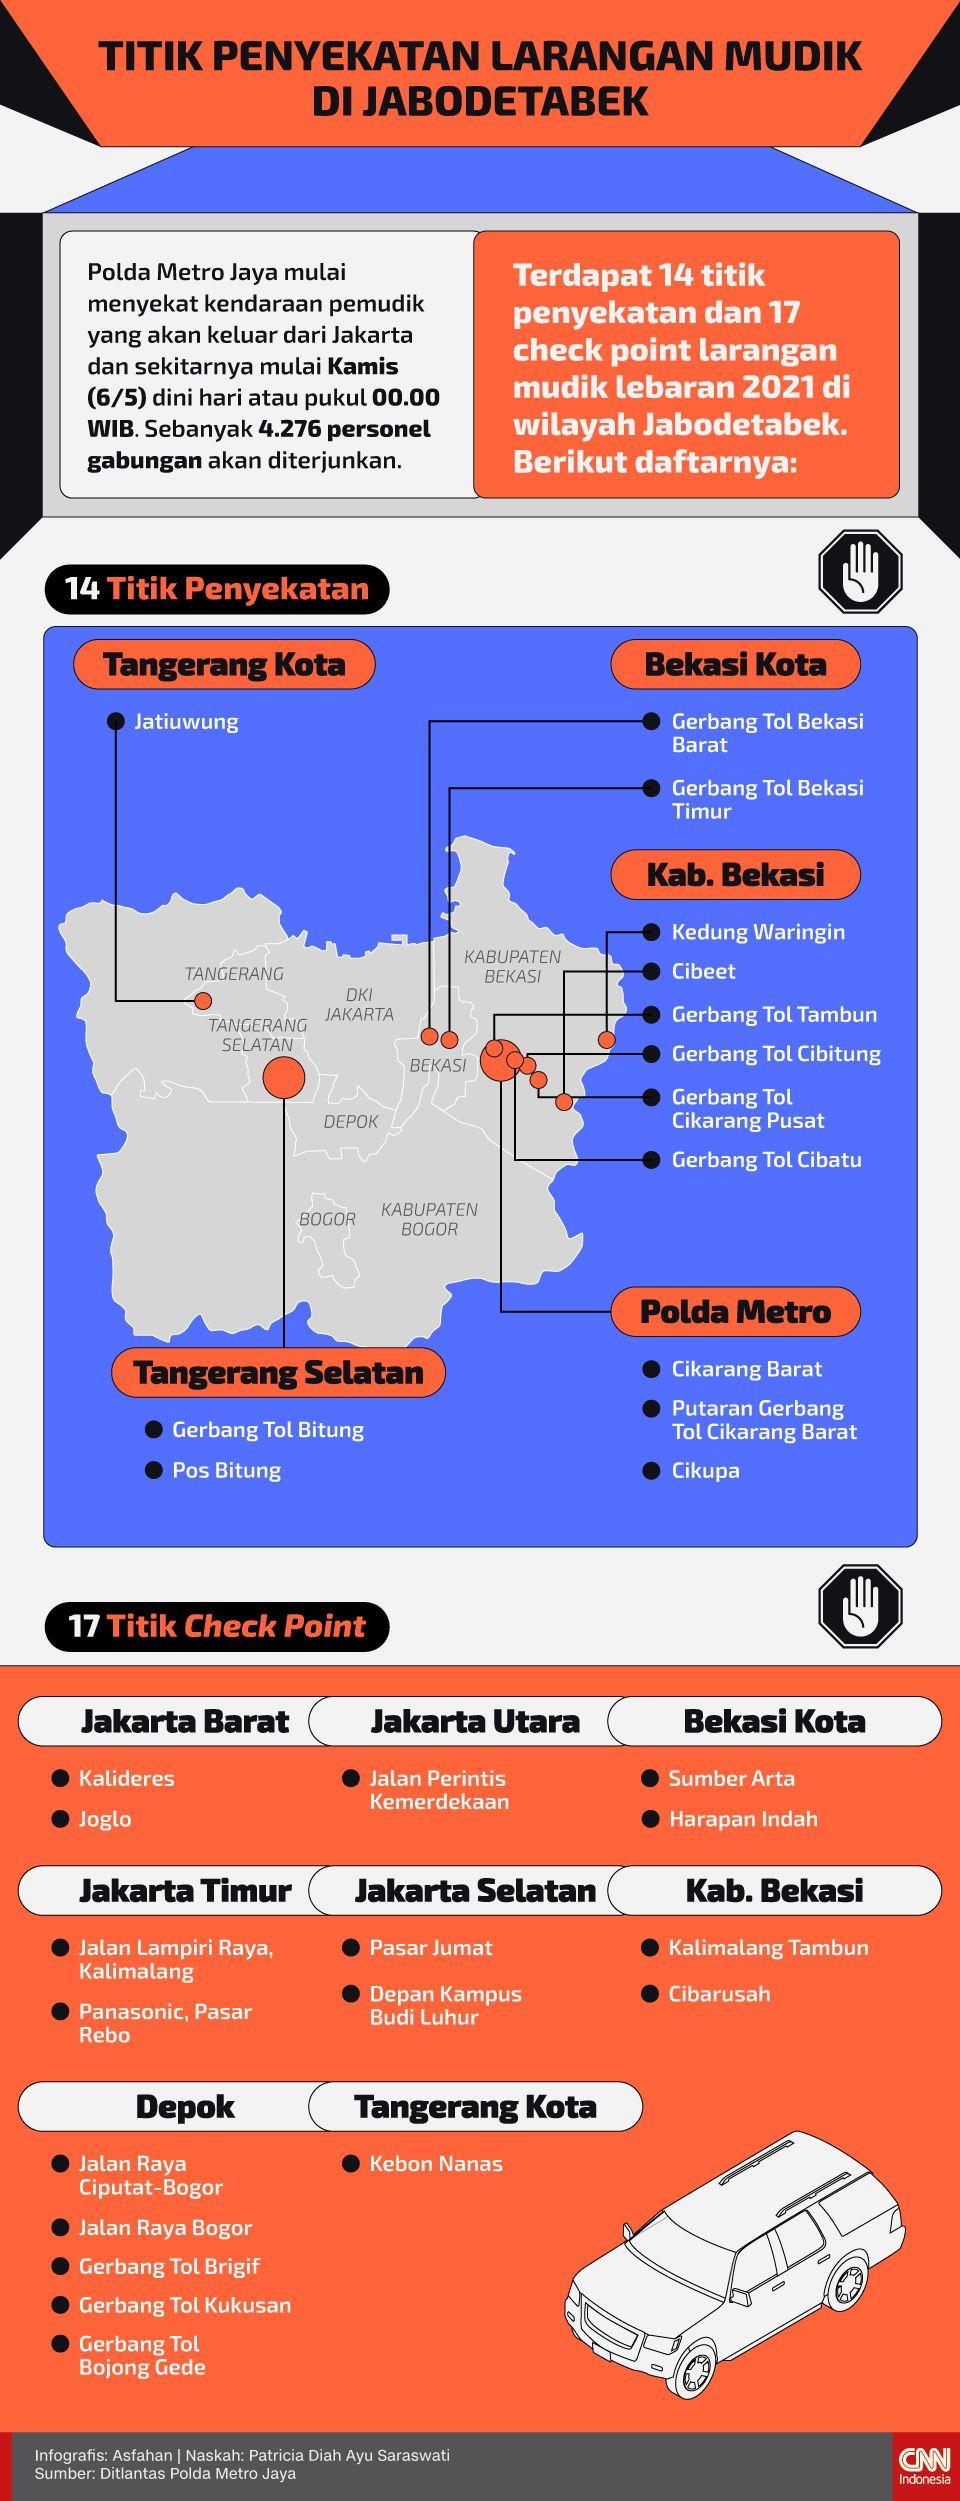 Infografis Titik Penyekatan Larangan Mudik di Jabodetabek new